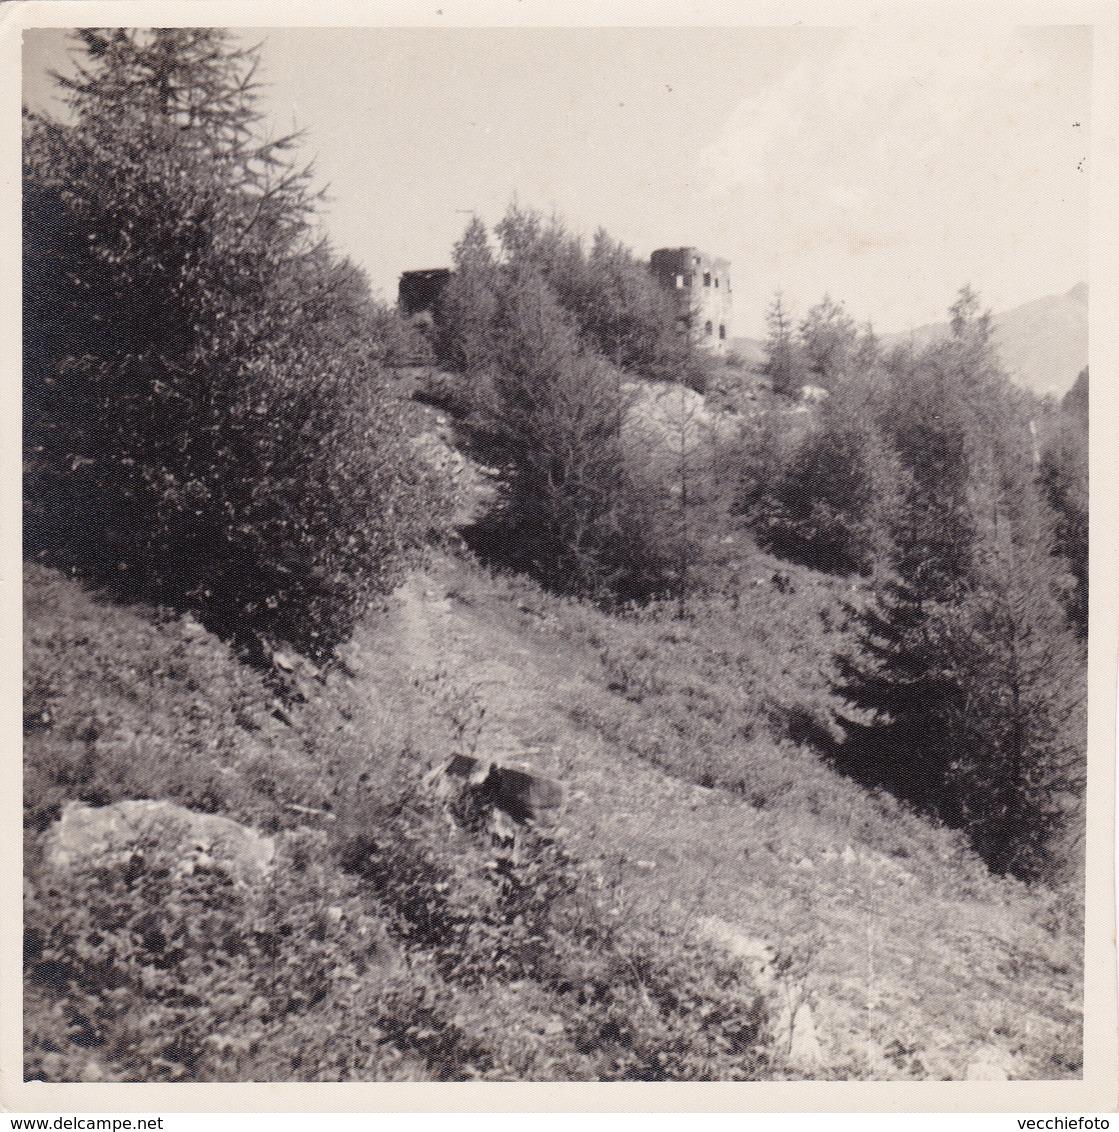 PRIMA GUERRA MONDIALE - TRENTINO FORTE CHERLE - FOLGARIA - LOTTO DI DUE FOTOGRAFIE - ANNI 30 - Luoghi